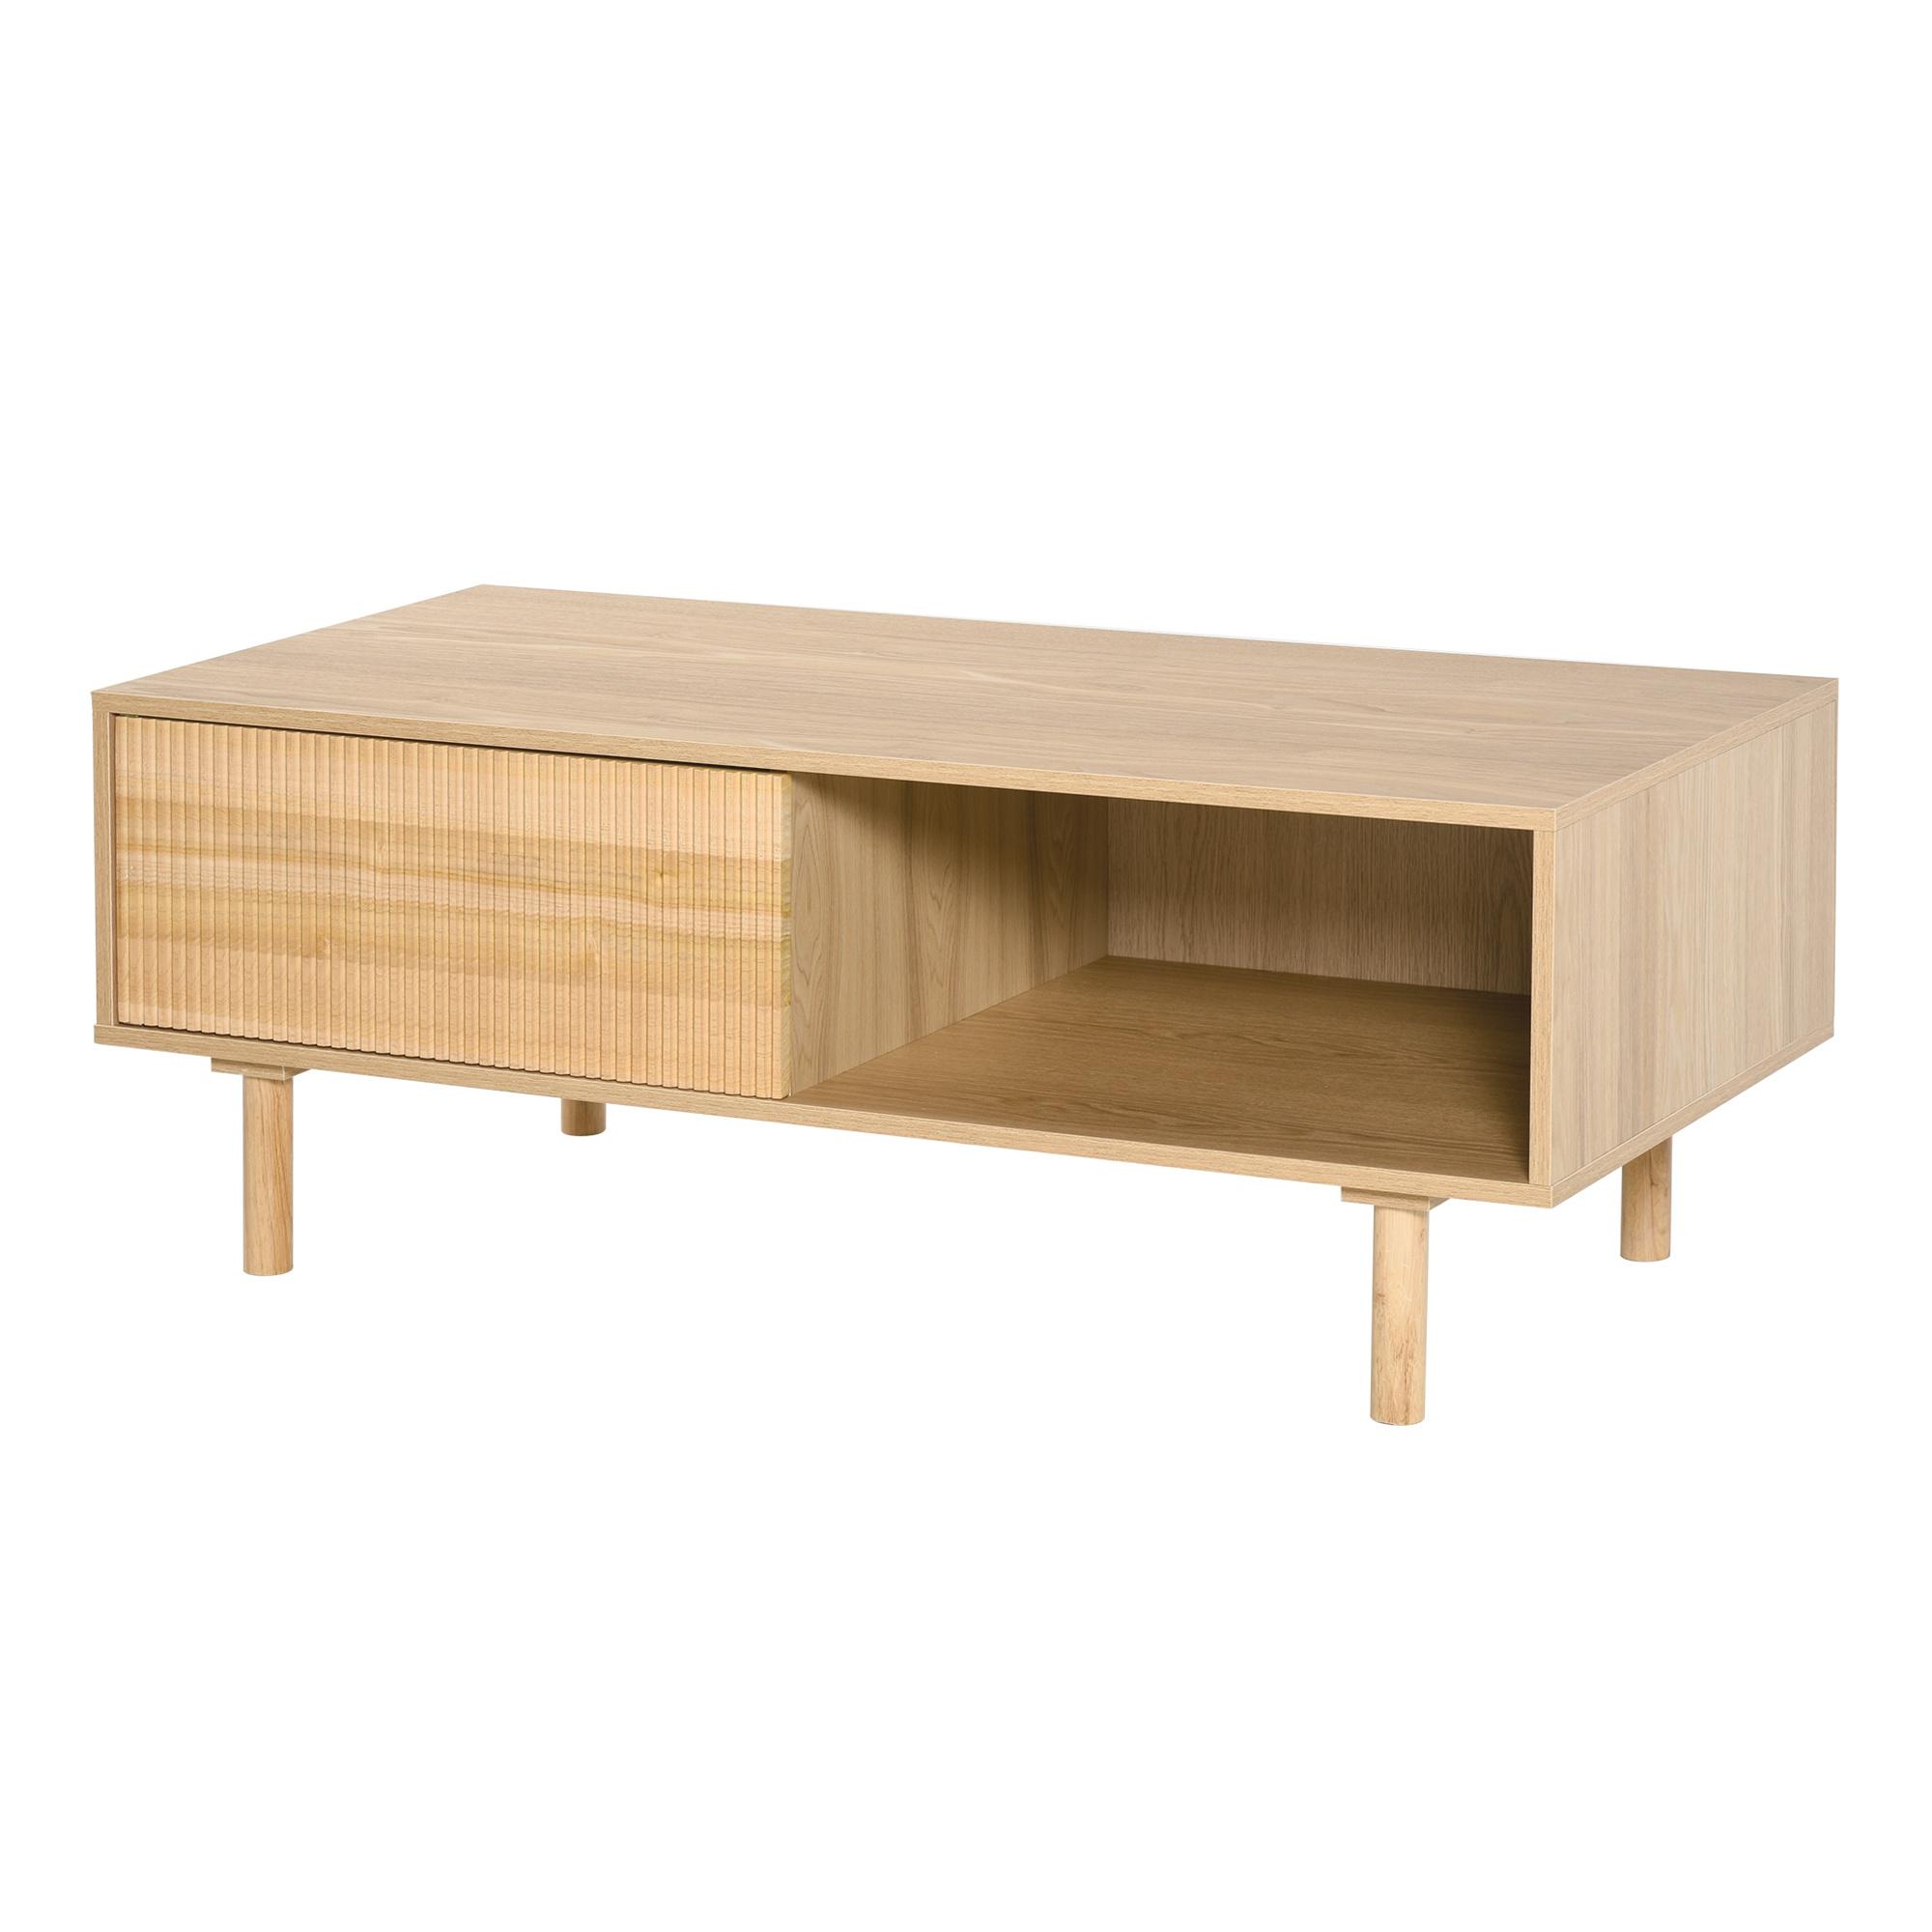 HOMCOM Tavolino da Salotto Stile Nordico con Anta e Vano Aperto Colore Legno